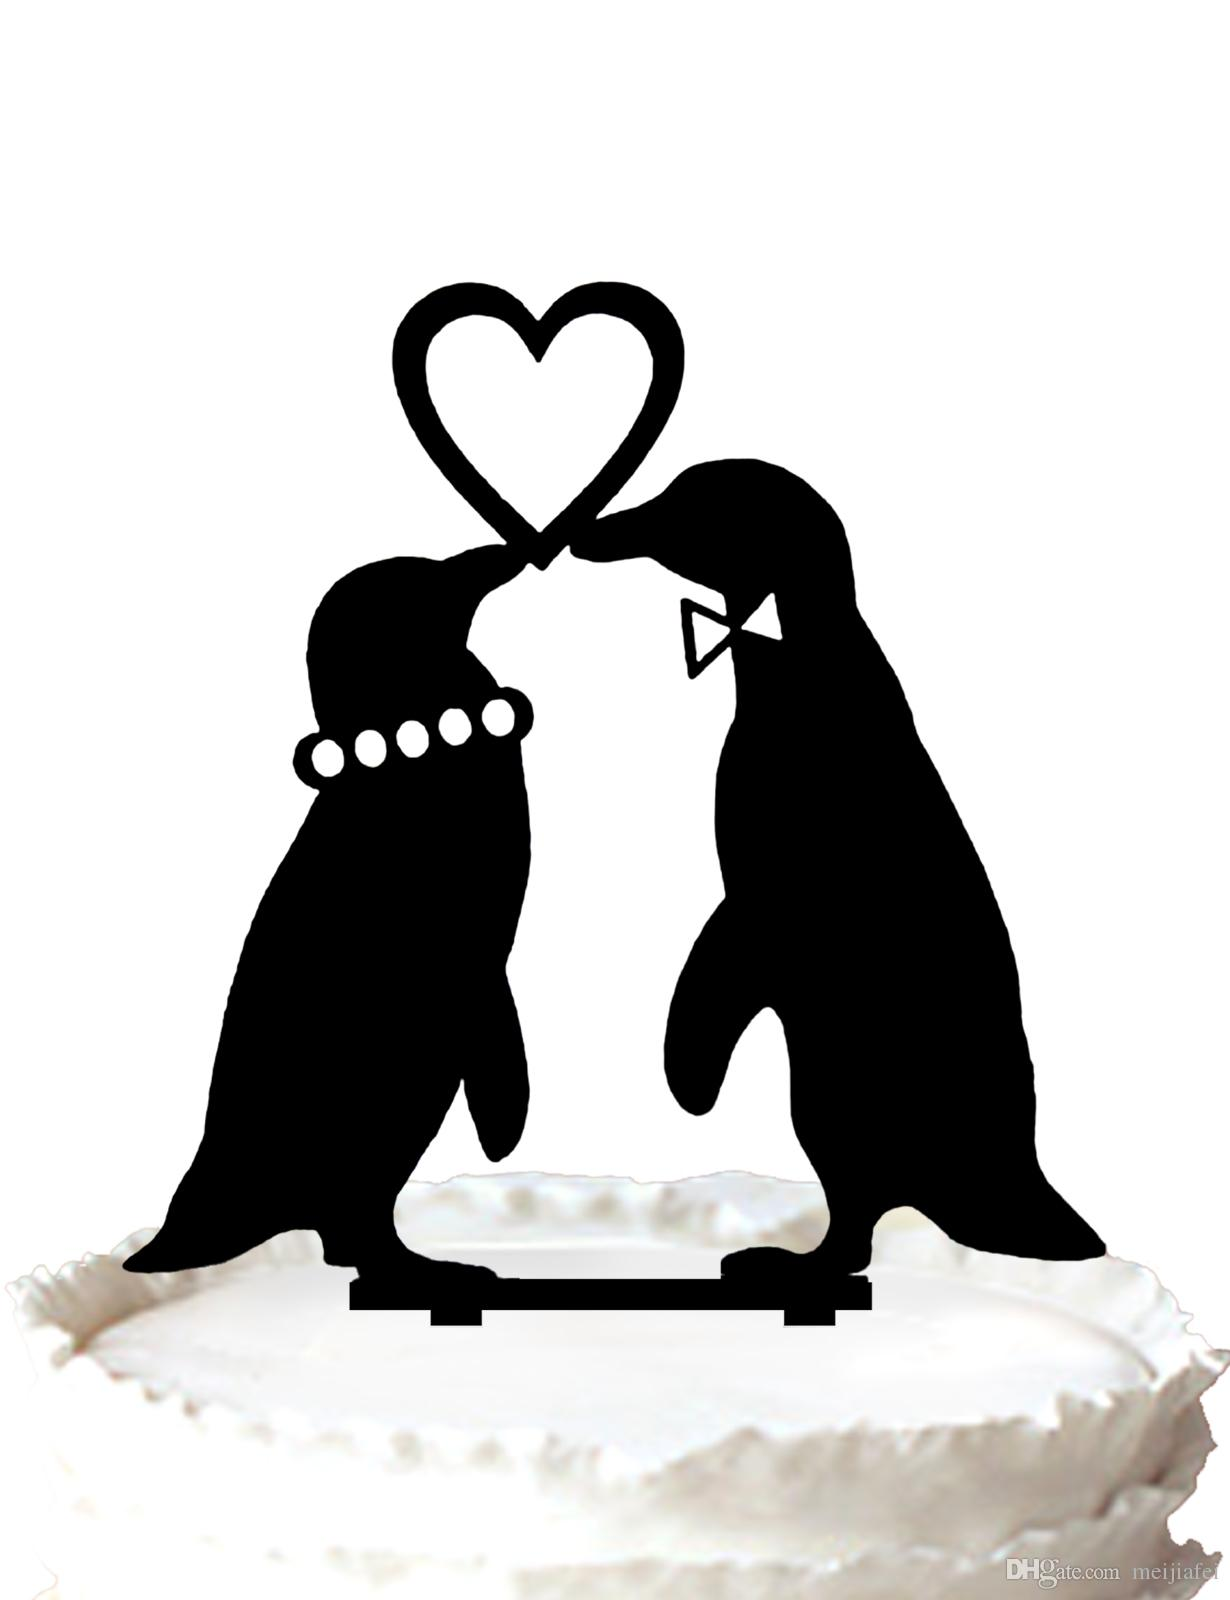 2018 penguins in love wedding cake topper silhouette love heart cake